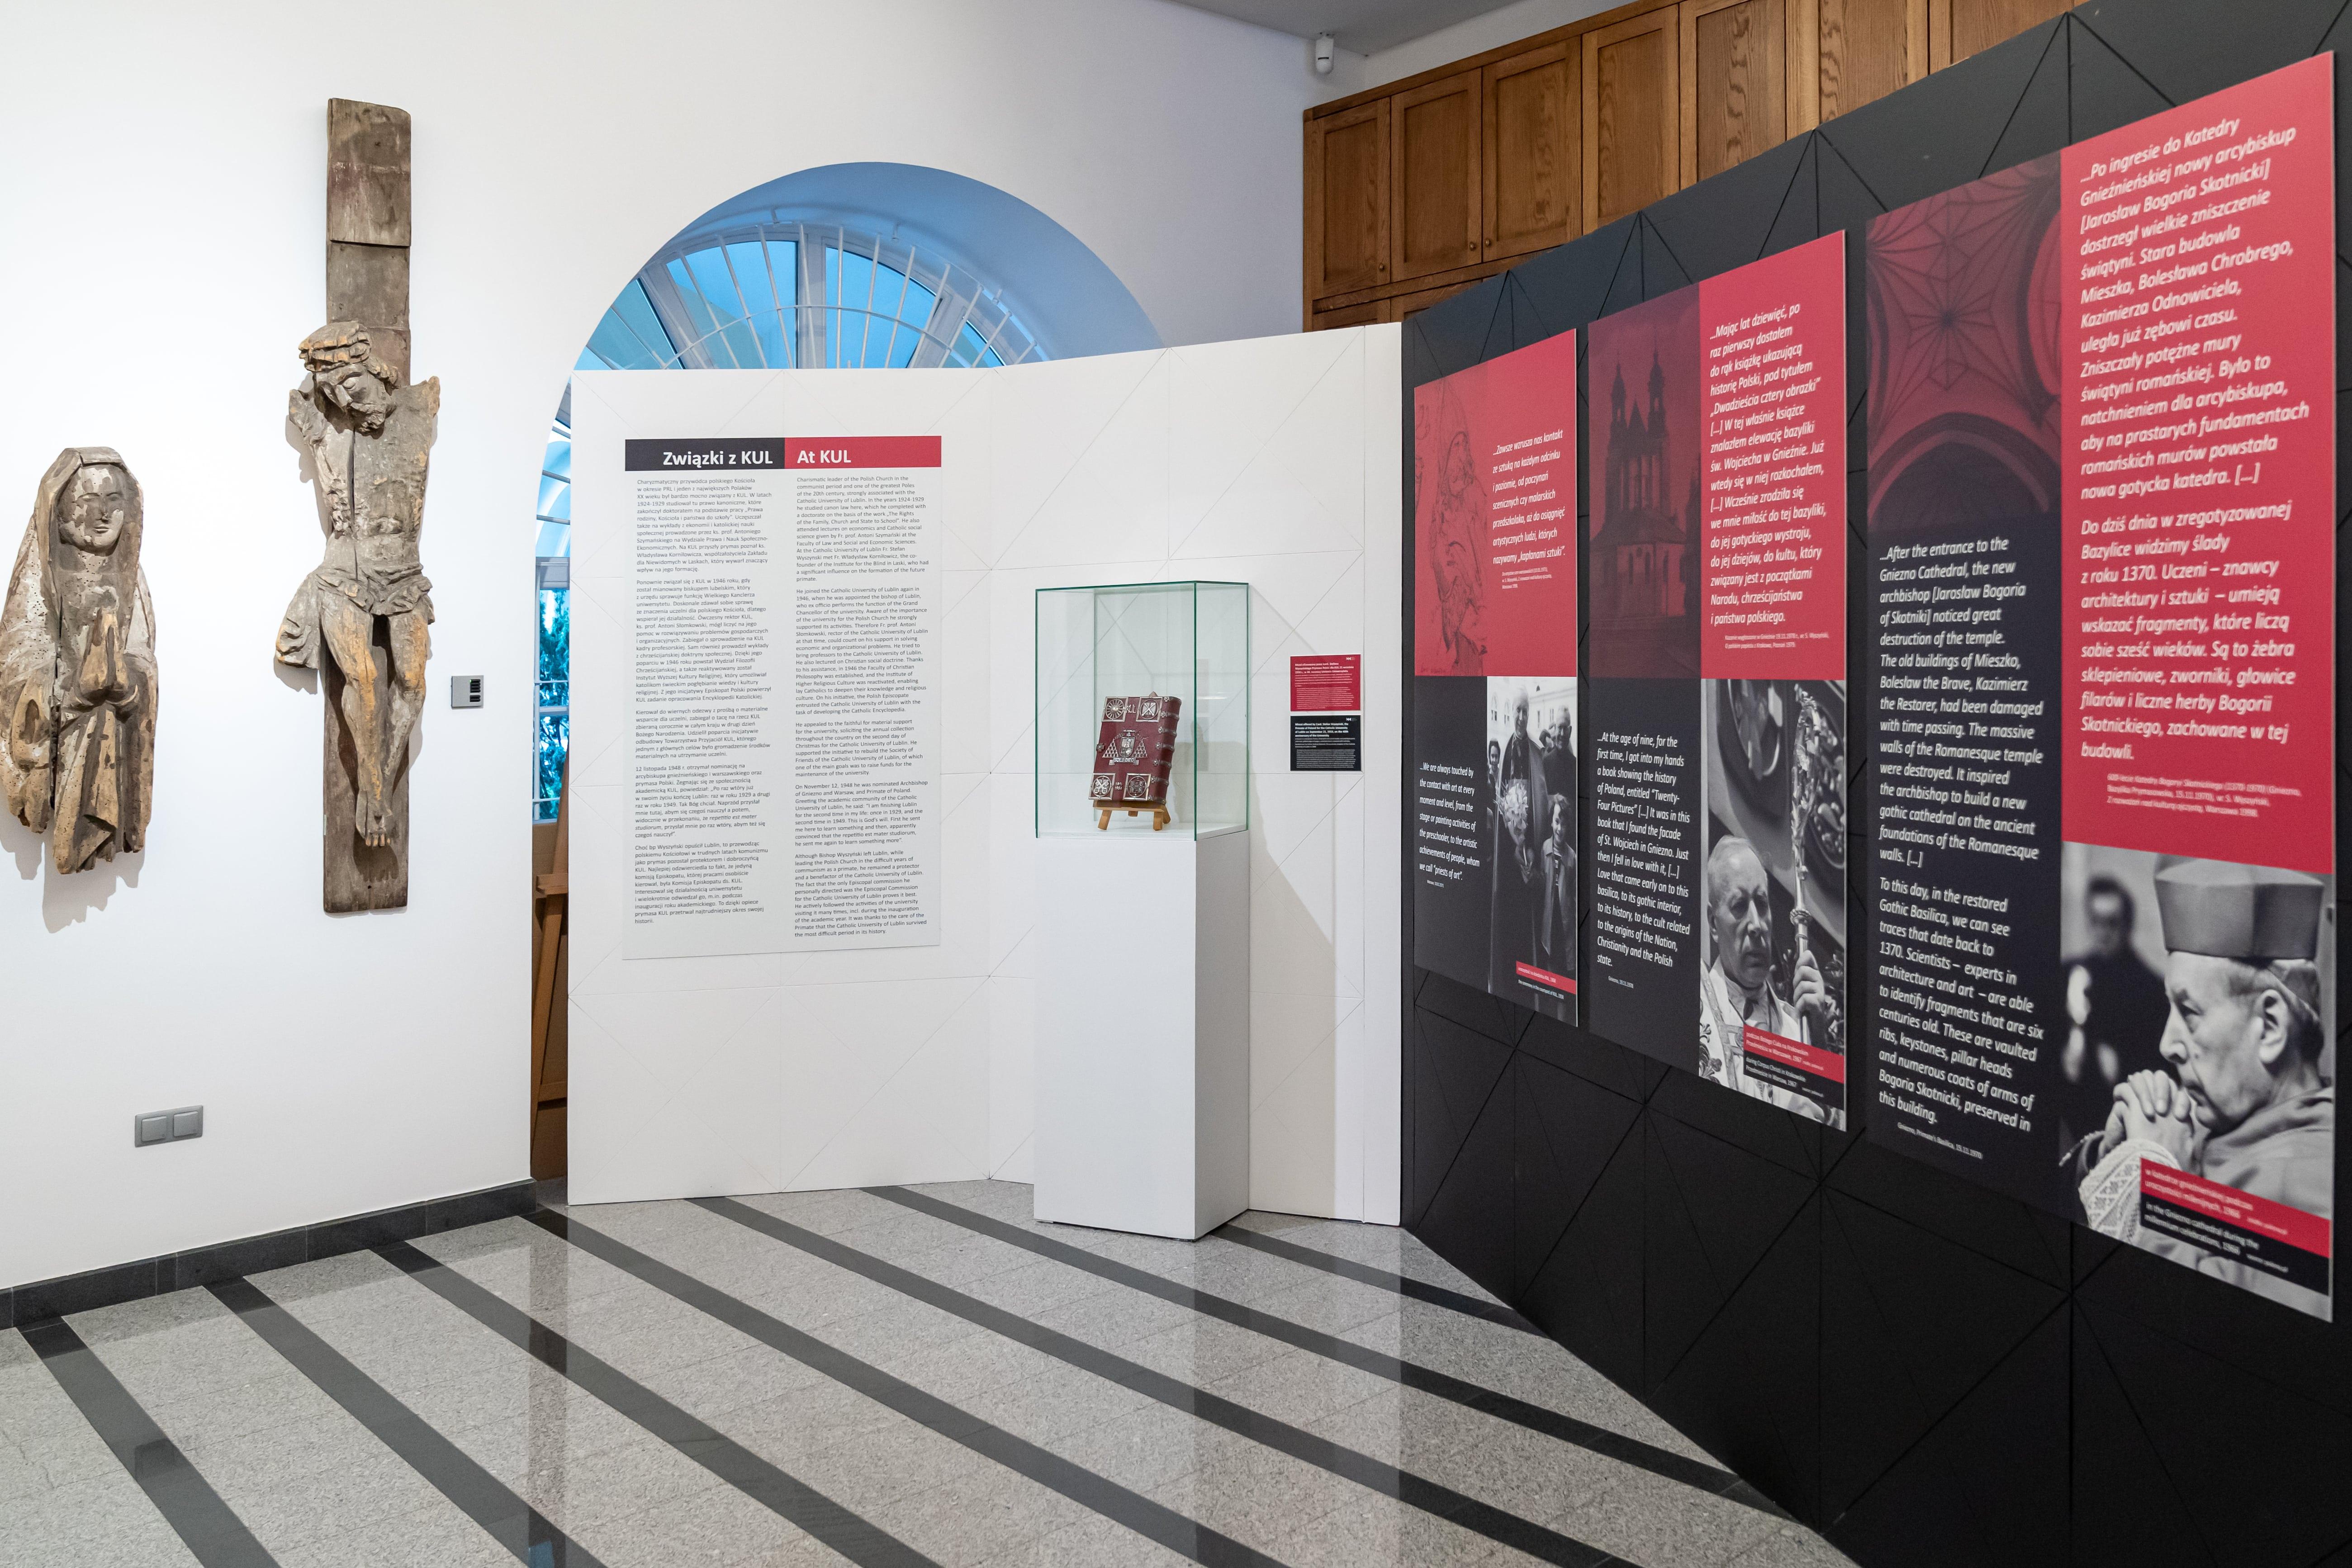 Lublin: W Muzeum KUL jest wystawa o kard. Stefanie Wyszyńskim  - Zdjęcie główne